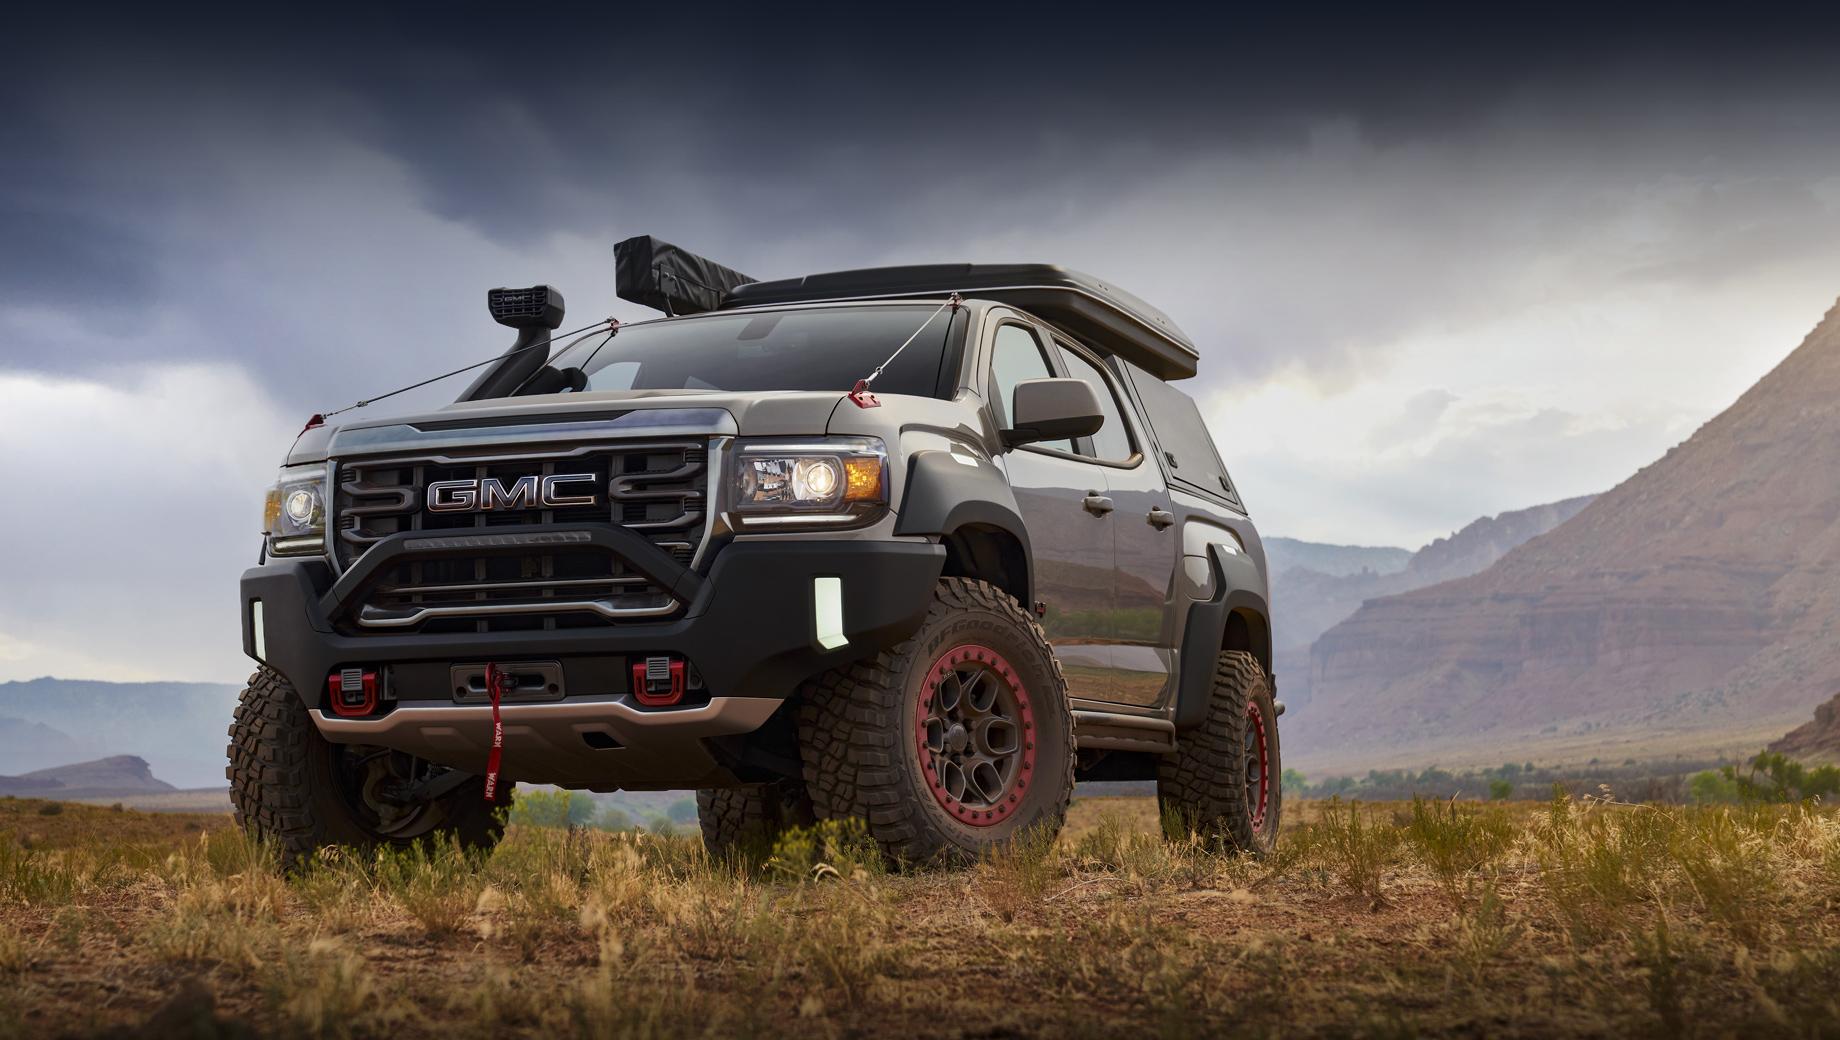 Gmc canyon,Gmc canyon at4,Gmc concept. Автомобиль был подготовлен к выставке оборудования для путешествий и кемпинга Overland Expo Mountain West 2021, прошедшей на выходных в Лавленде (штат Колорадо).